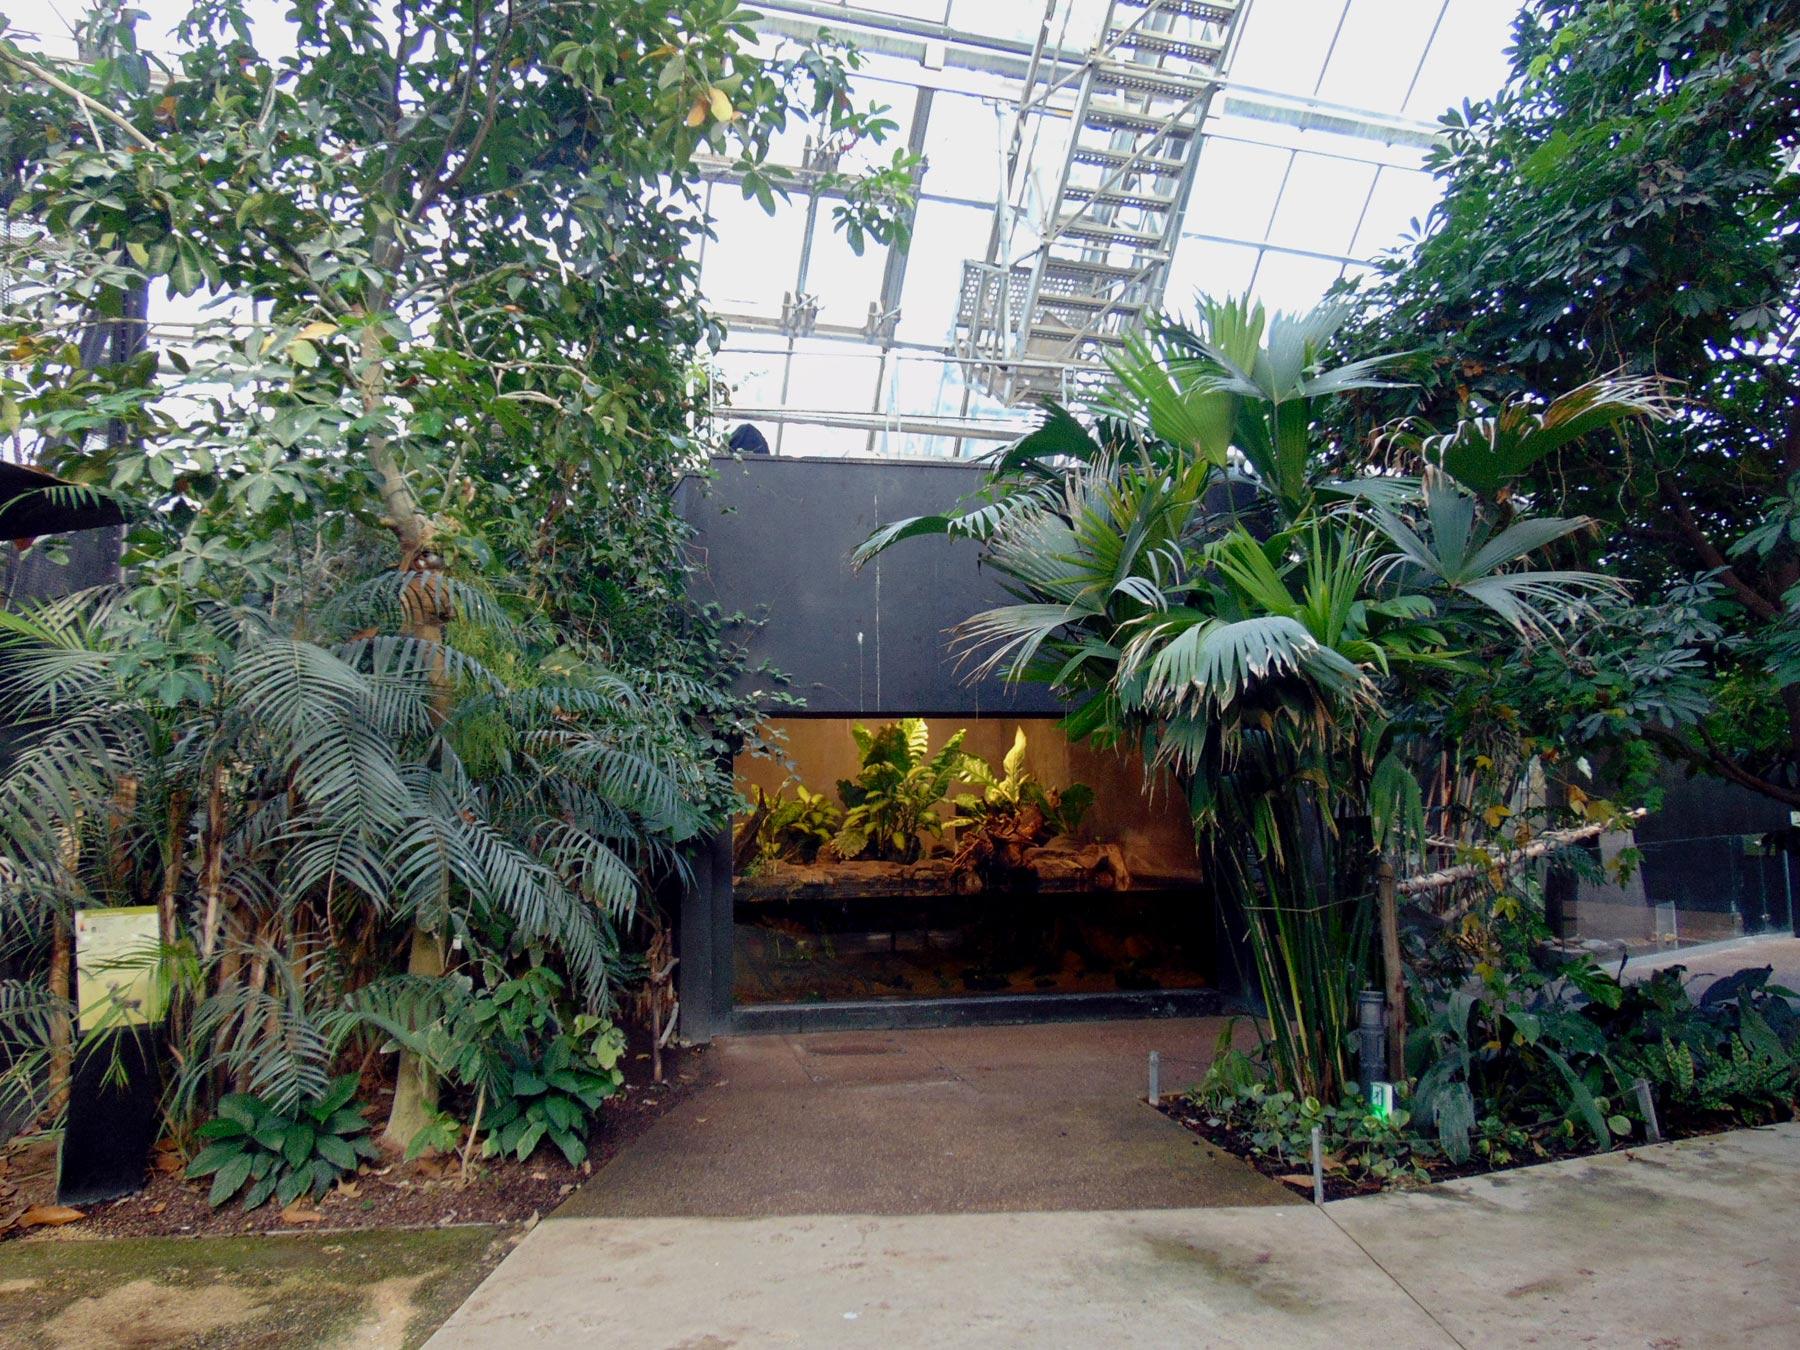 внутри павильона парижского зоопарка